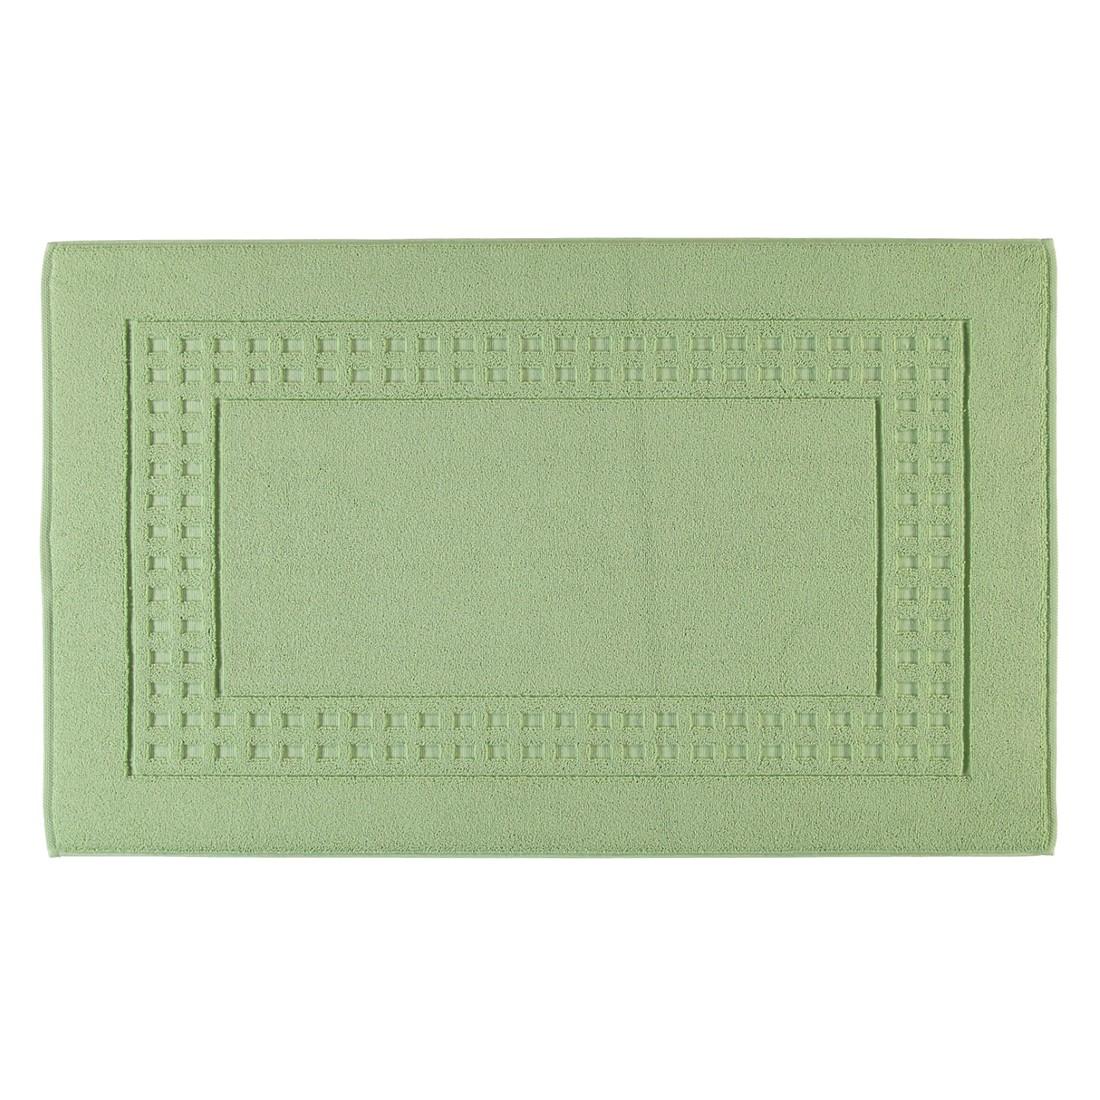 Badteppiche Country Style – Baumwolle – Smoke Green – 67×120 cm, Vossen bestellen